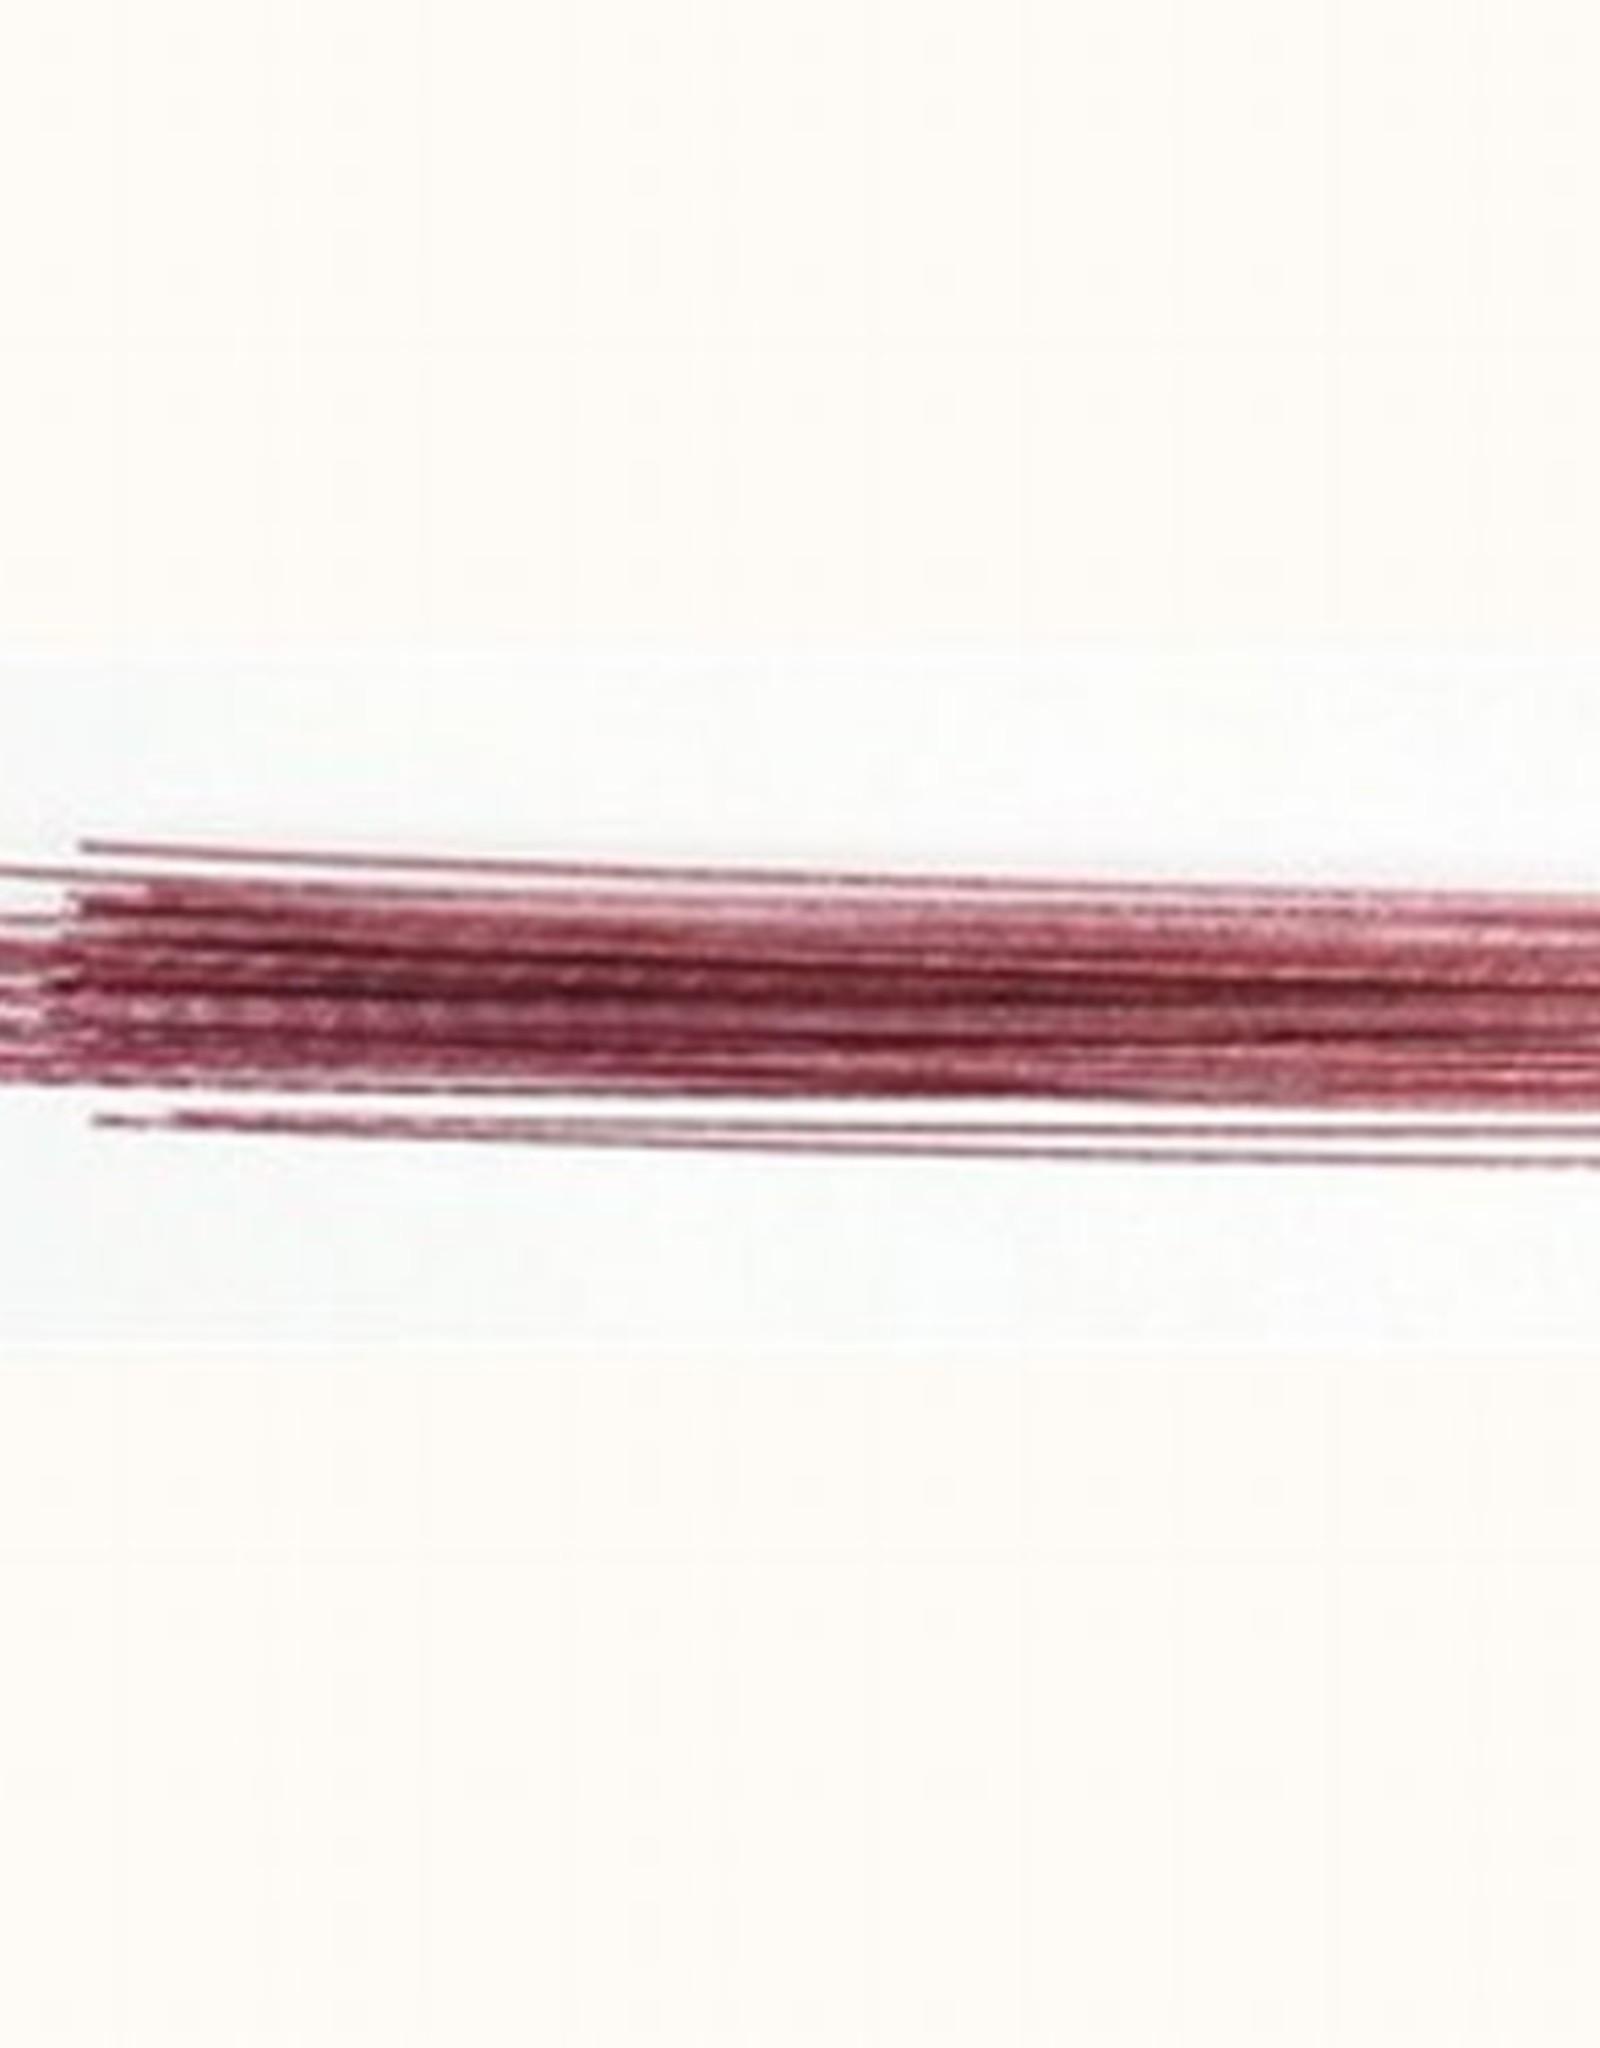 Culpitt Culpitt Floral Wire Metallic Pale Pink set/50 -24 gauge-